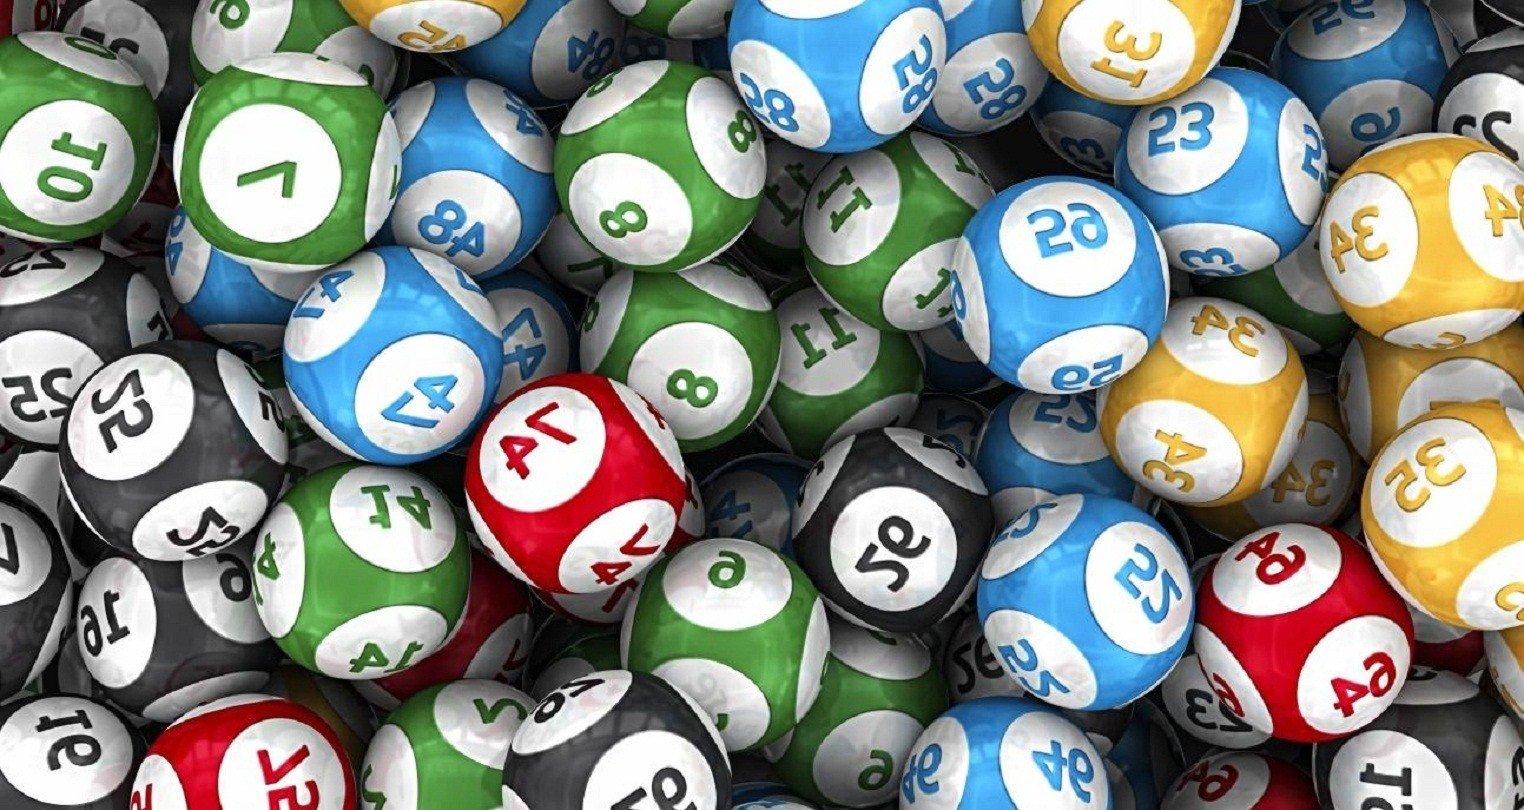 Гражданин Воронежской области одержал победу в«Жилищной лотерее» 2 млн руб.